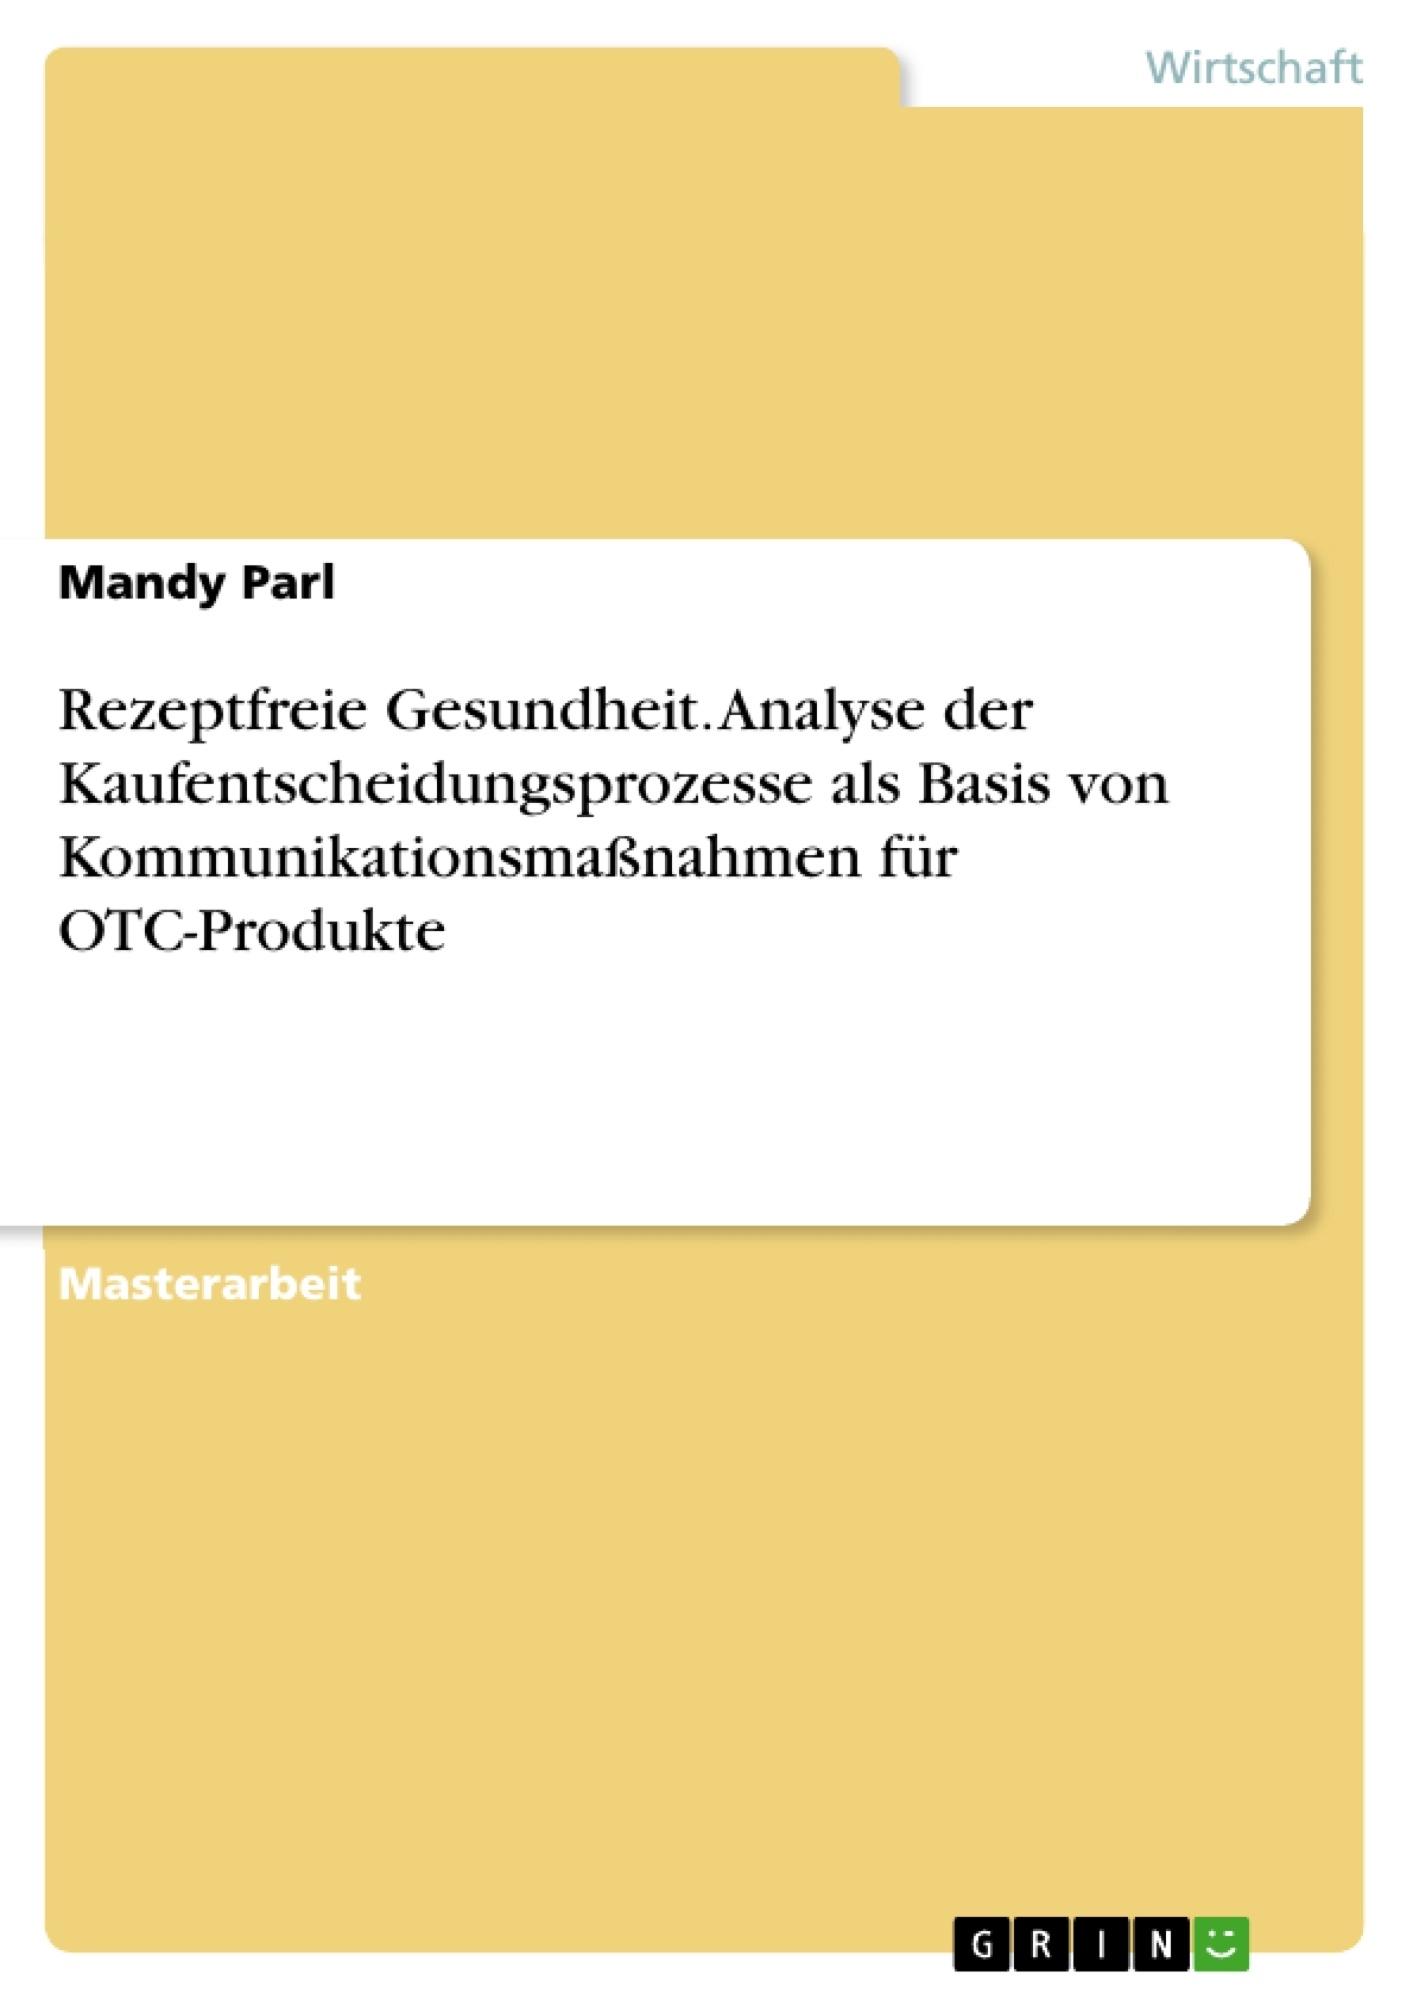 Titel: Rezeptfreie Gesundheit. Analyse der Kaufentscheidungsprozesse als Basis von Kommunikationsmaßnahmen für OTC-Produkte